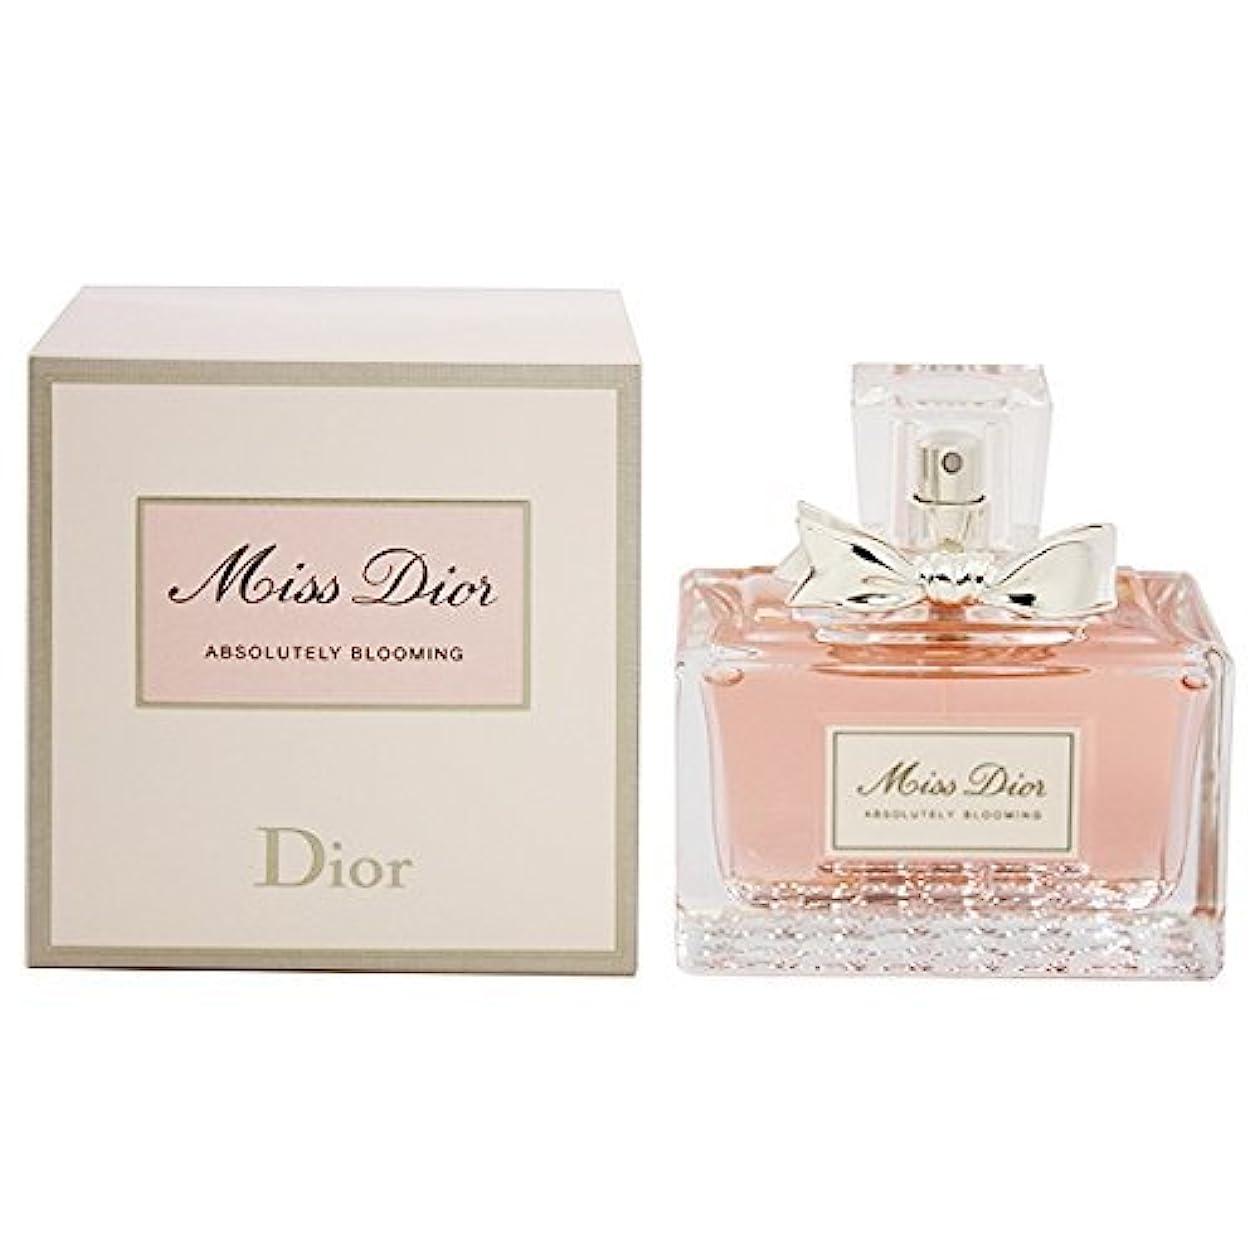 計り知れないアミューズメント期限切れクリスチャン ディオール(Christian Dior) ミス ディオール アブソリュートリー ブルーミング EDP SP 100ml [並行輸入品]